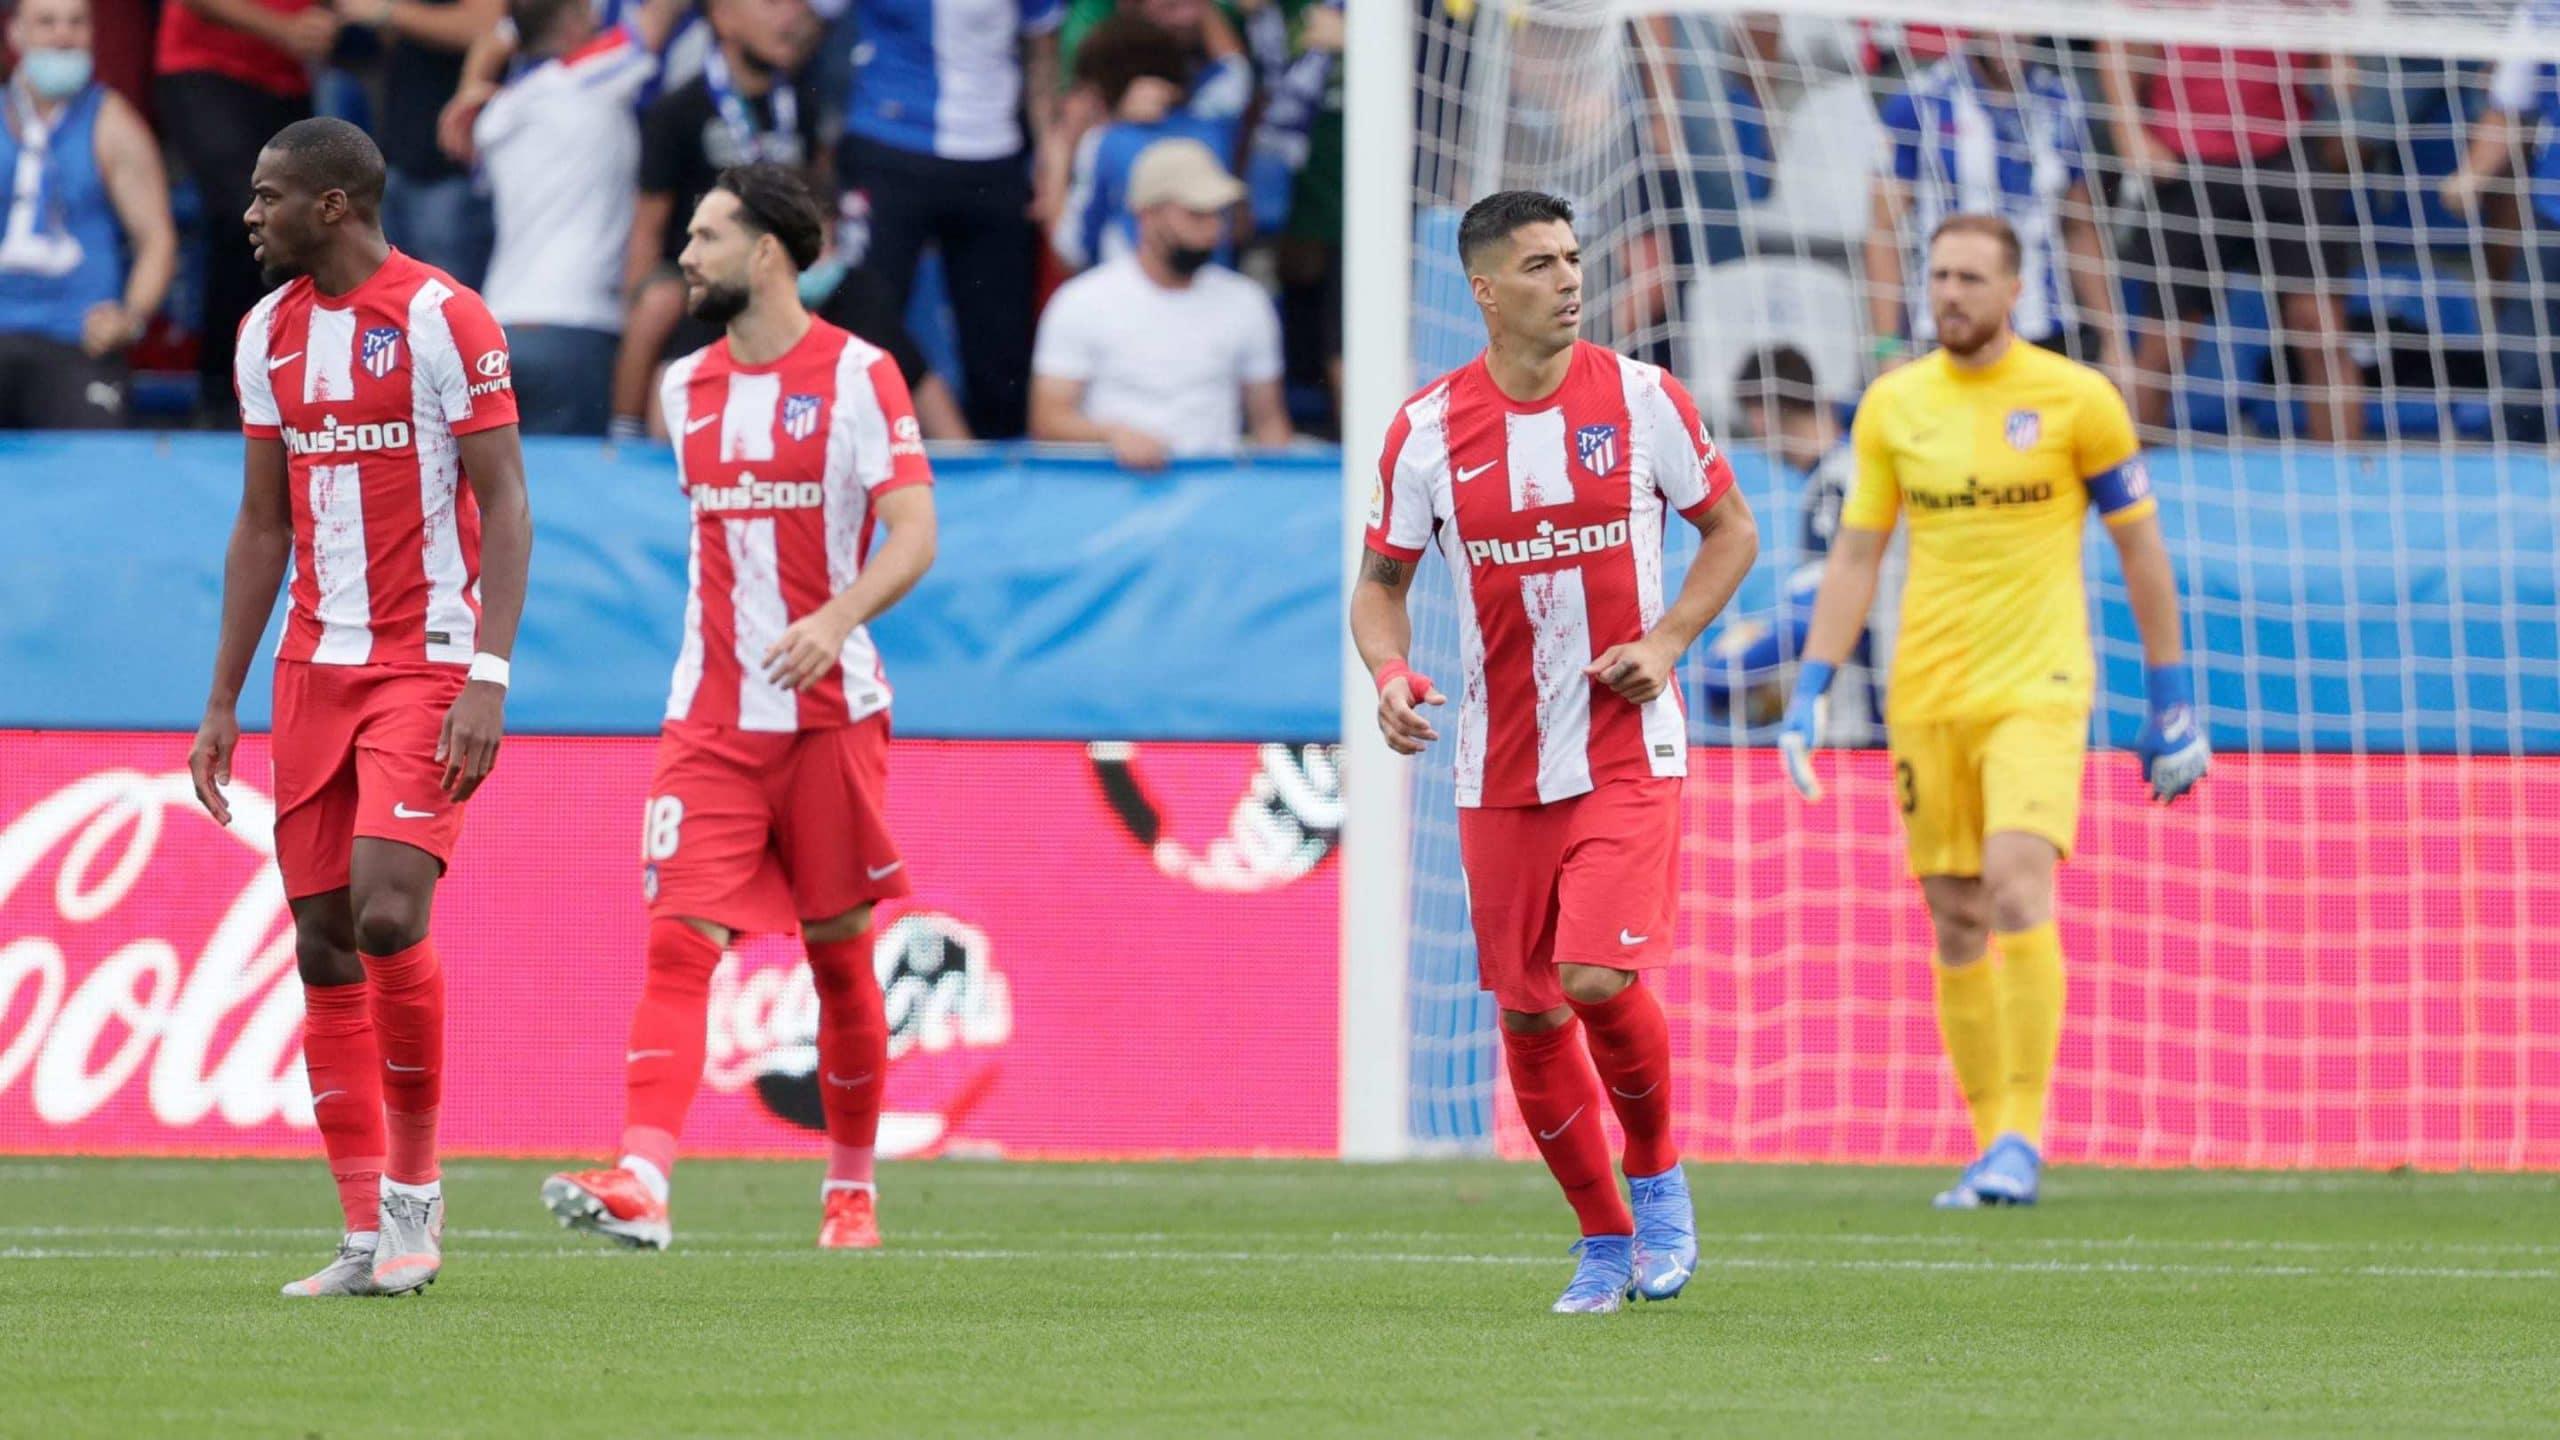 """""""Ξέρανε"""" το Μιλάνο ο Σουάρεζ! Απόδραση με 1-2 για την Ατλέτικο Μαδρίτης!"""